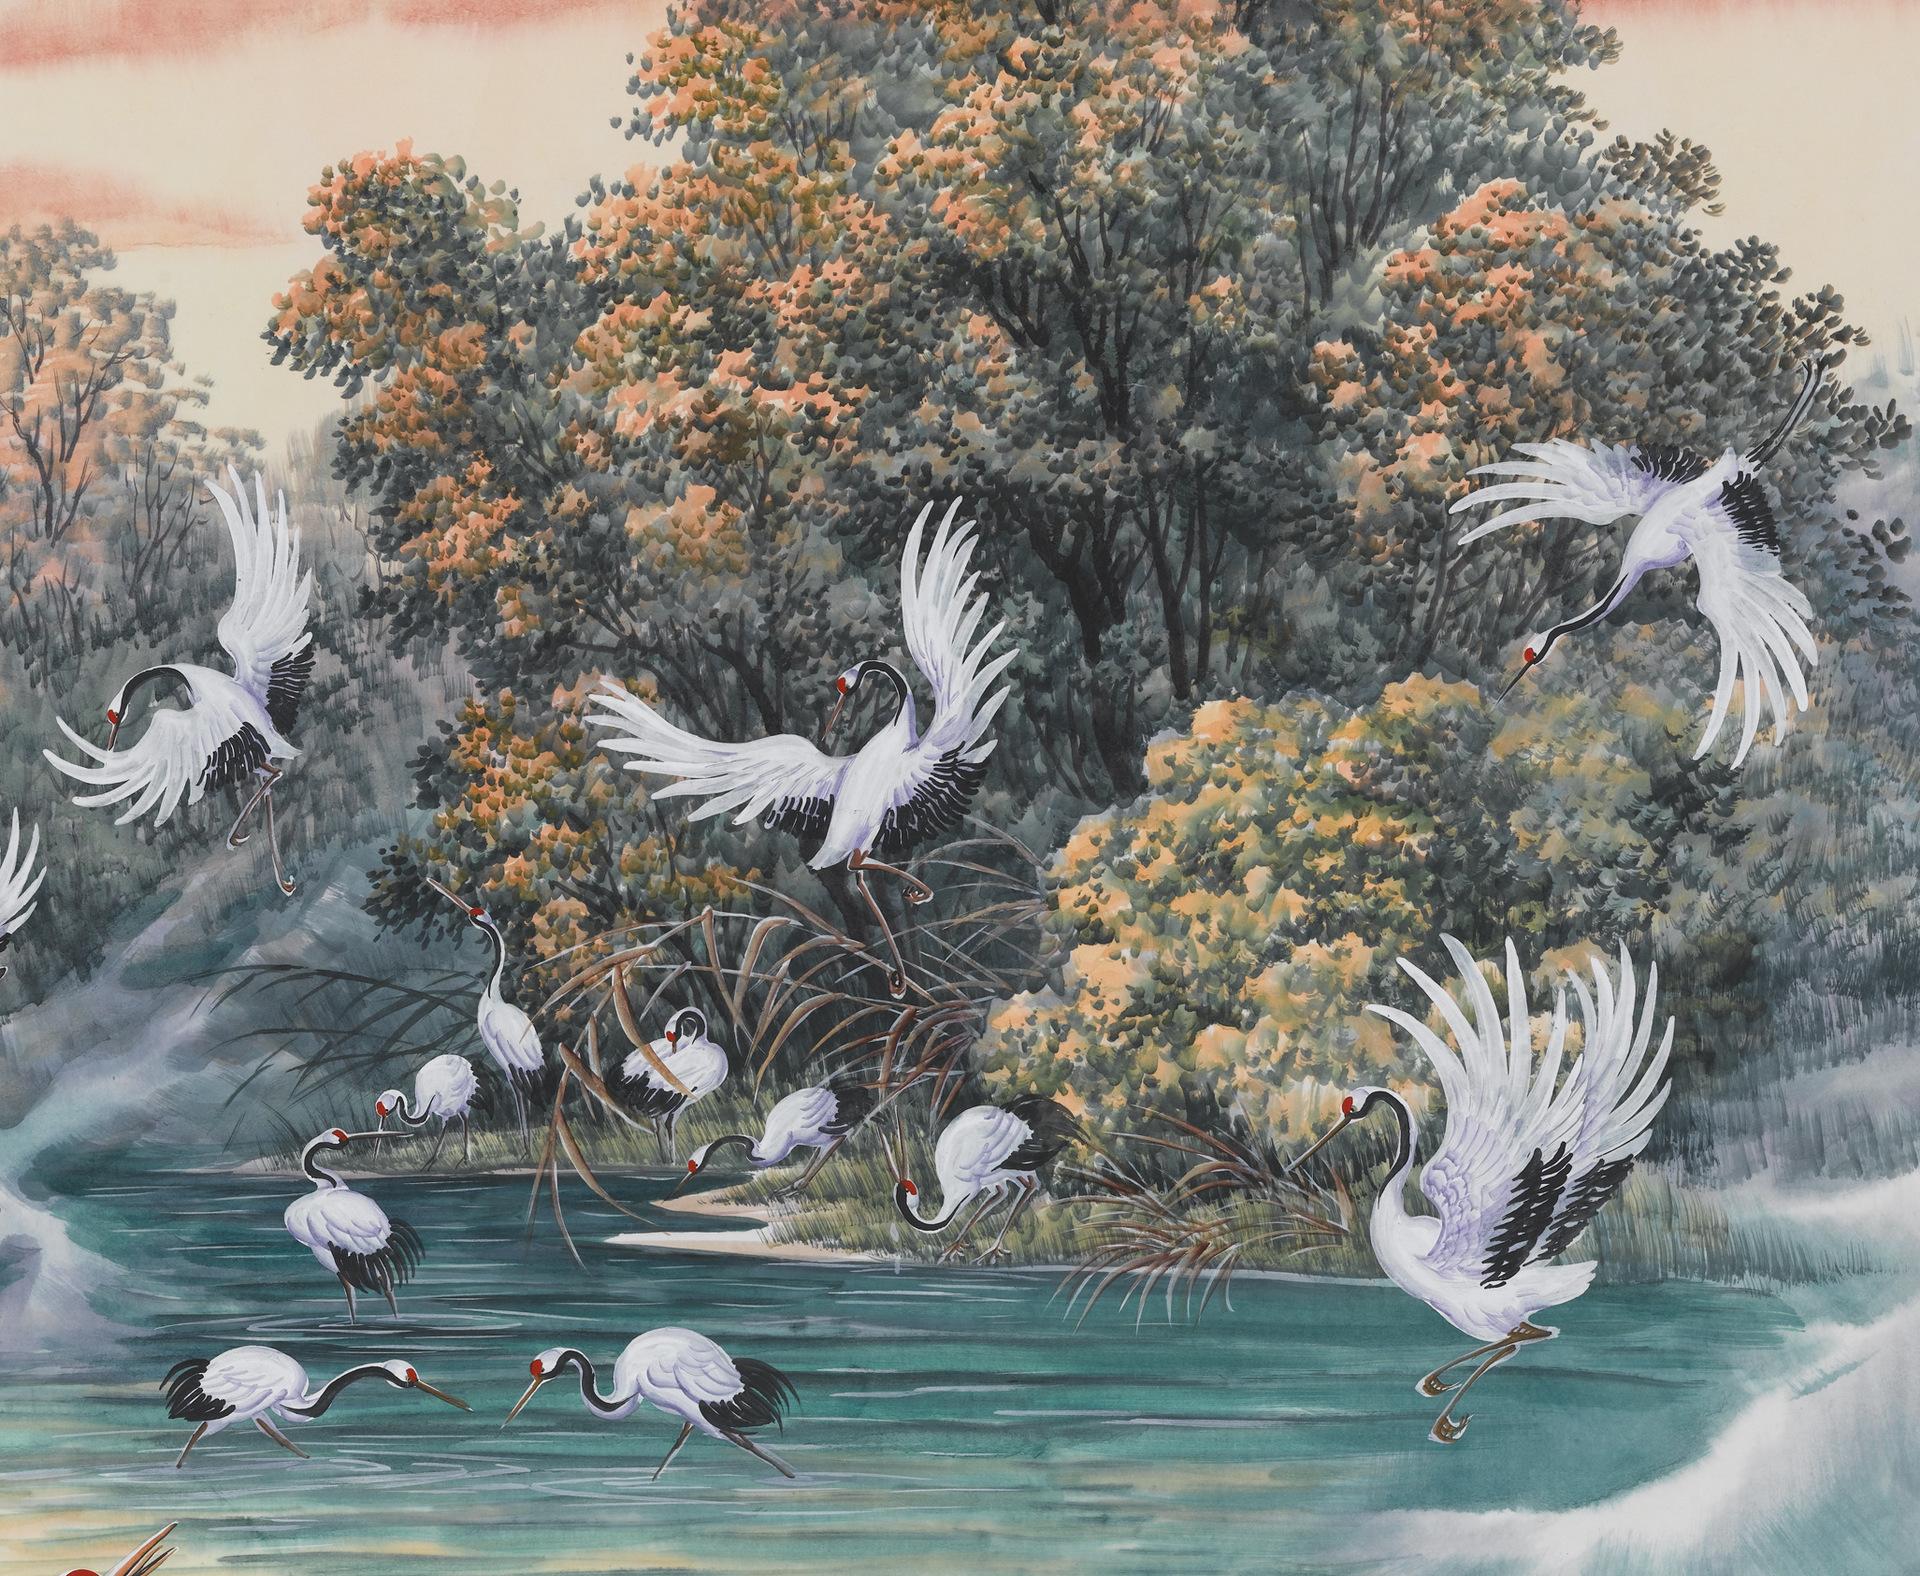 字画批发 国画 仿古画复制 厂家直销 山水风景画 客厅装饰画 鹤